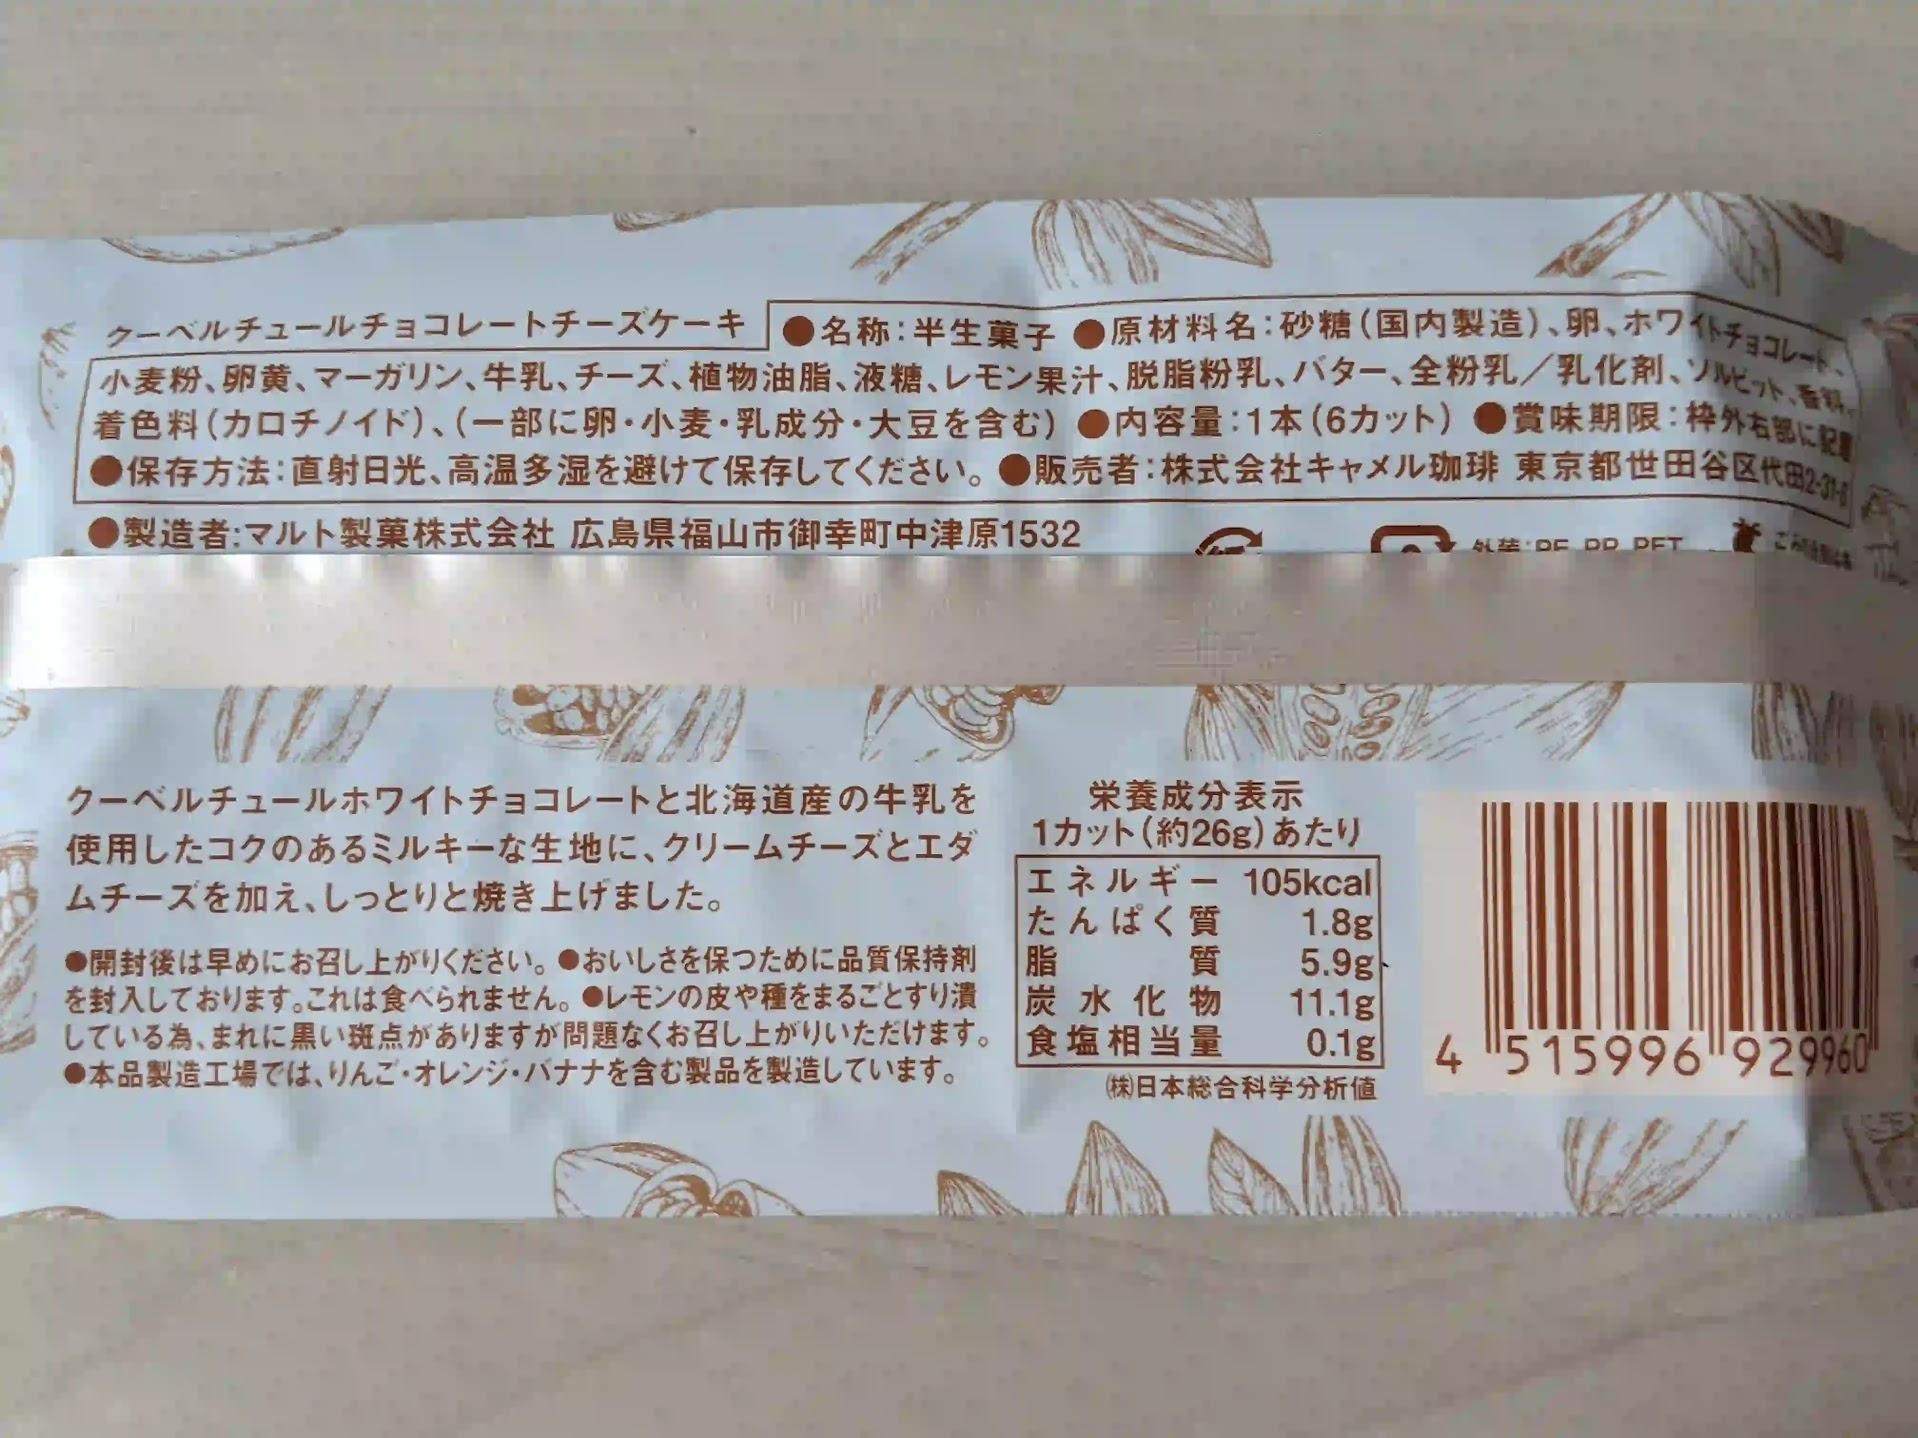 カルディ クーベルチュールチョコレートチーズケーキ 栄養成分表示